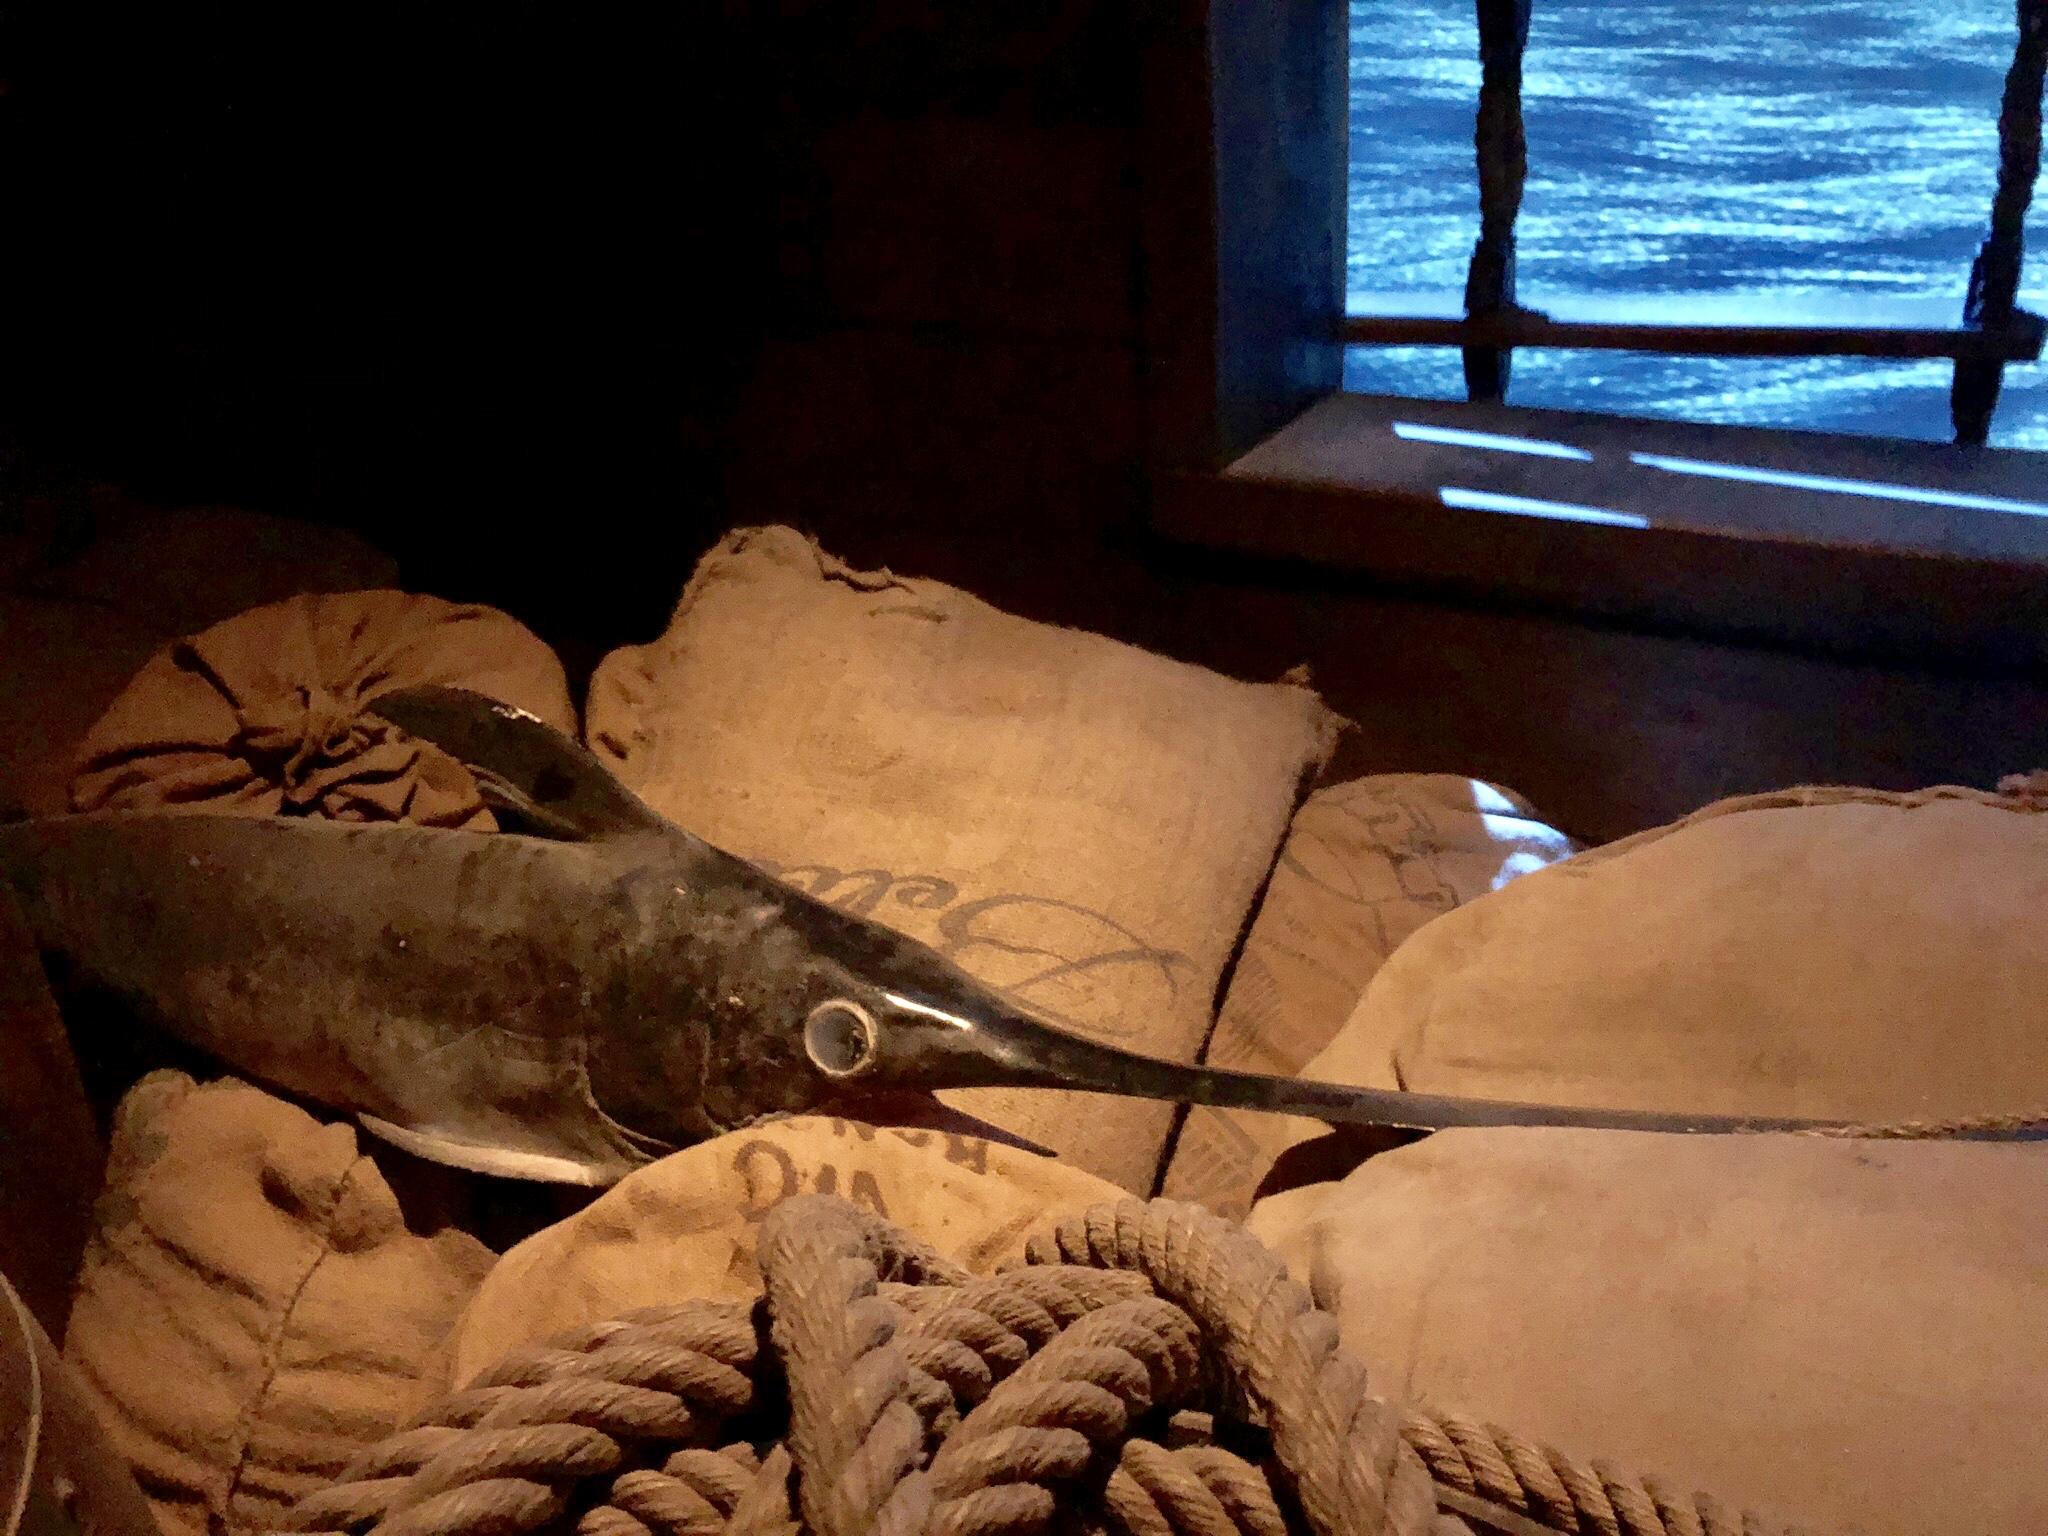 espadon factice, faux poisson réalisé par moulage